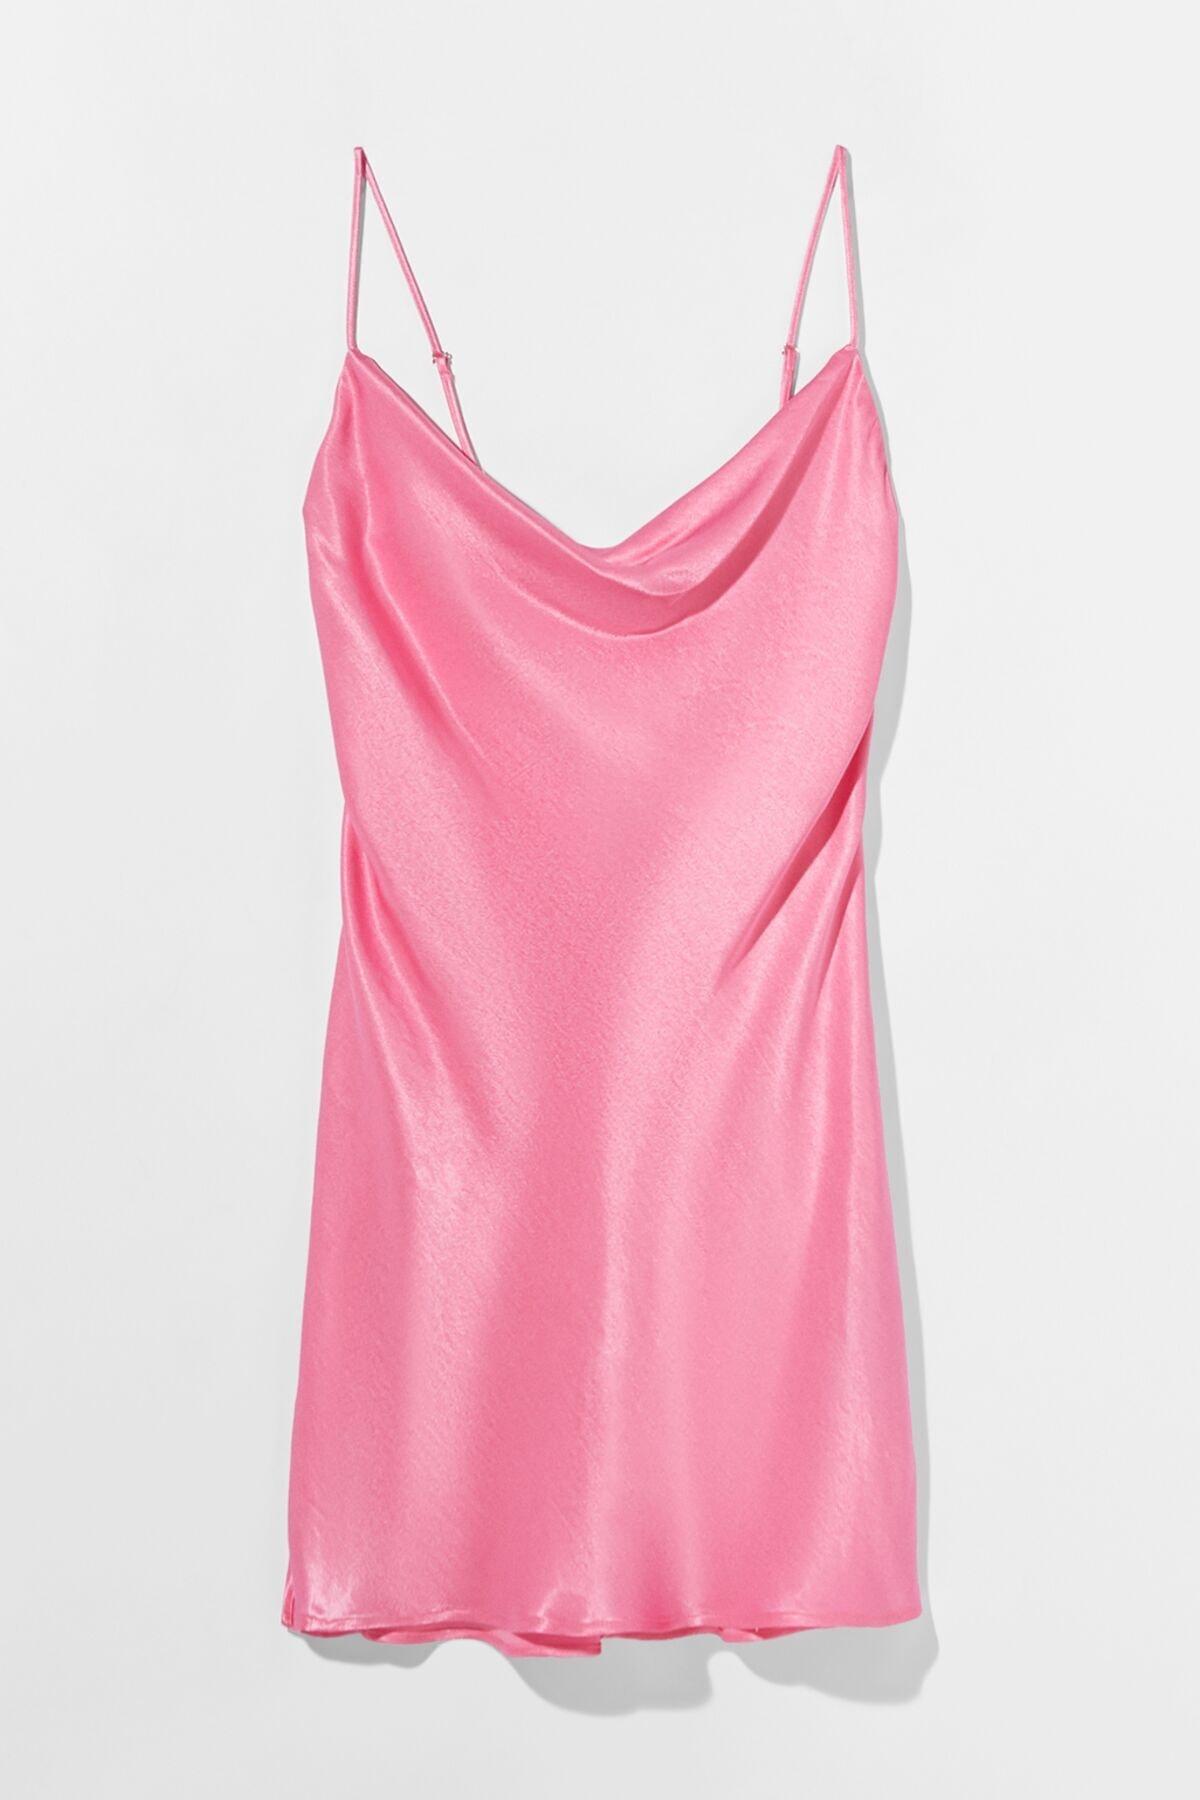 Bershka Kadın Fuşya Saten Mini Slip Elbise 00581168 4